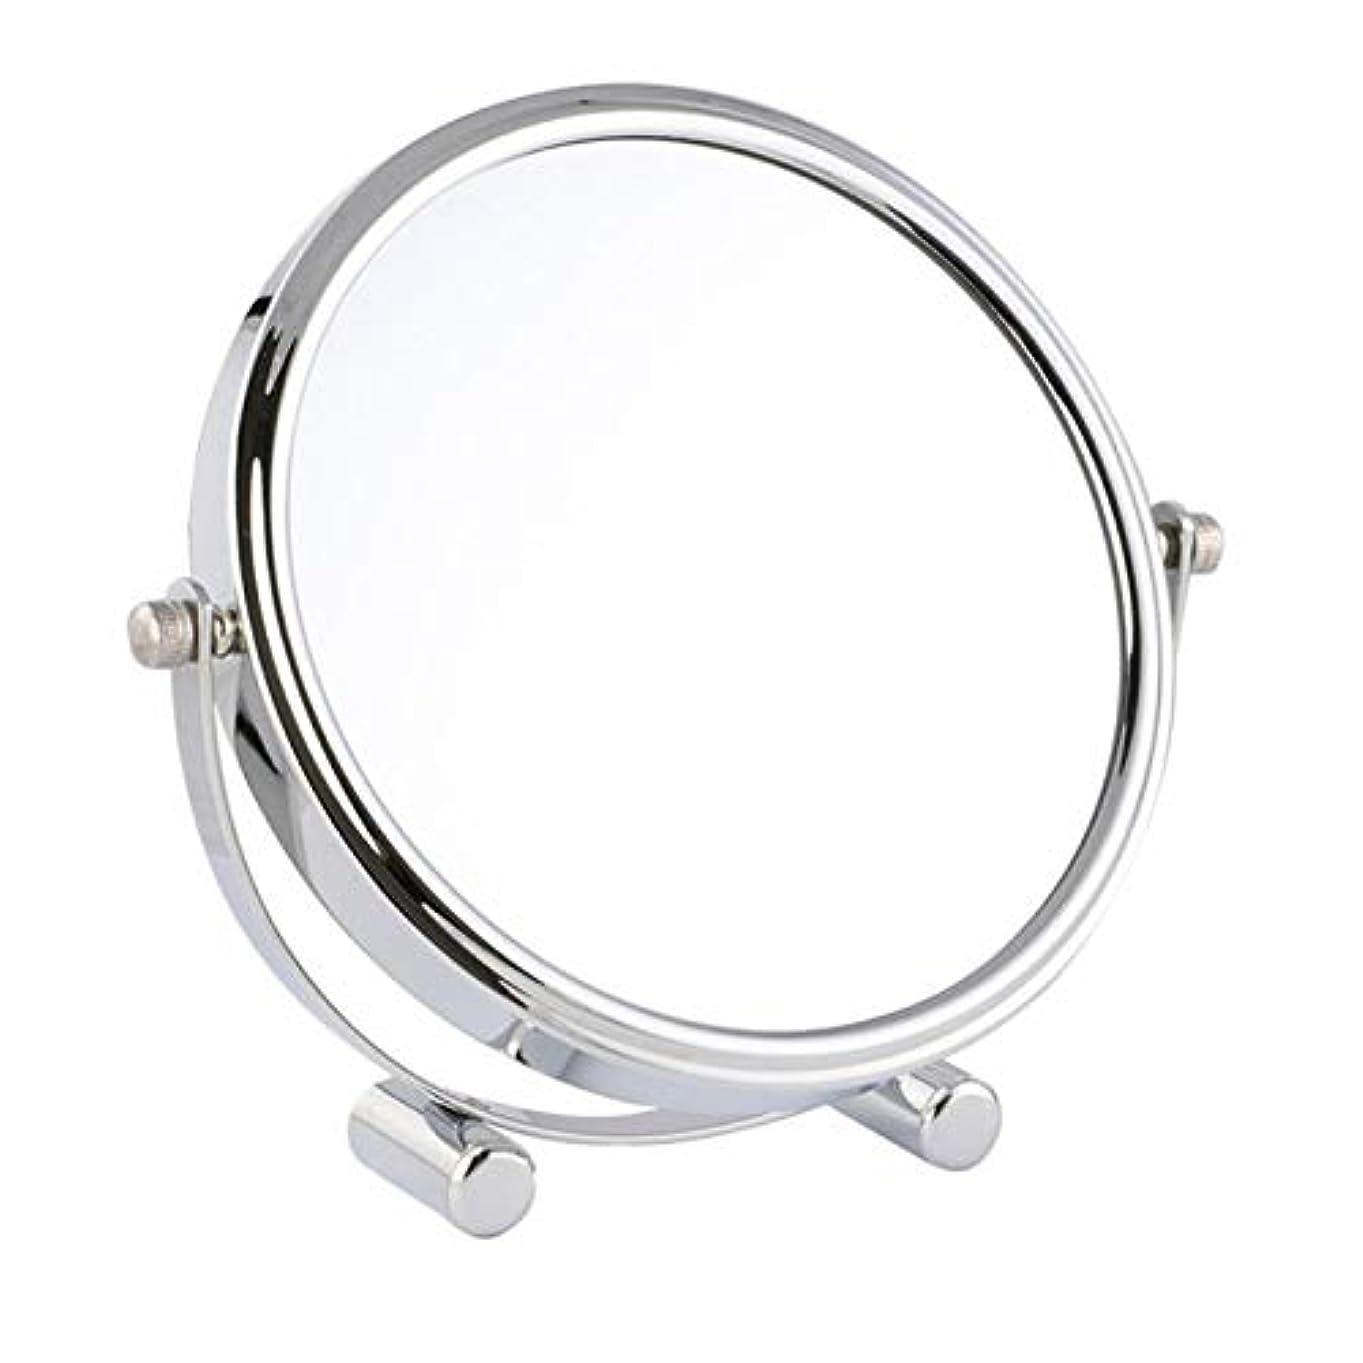 商標無一文記述する化粧鏡 女優ミラー けメイクミラー スタンドミラー 卓上鏡 化粧道具 両面鏡 片面2倍 拡大鏡 360度回転 鏡面直径17cm